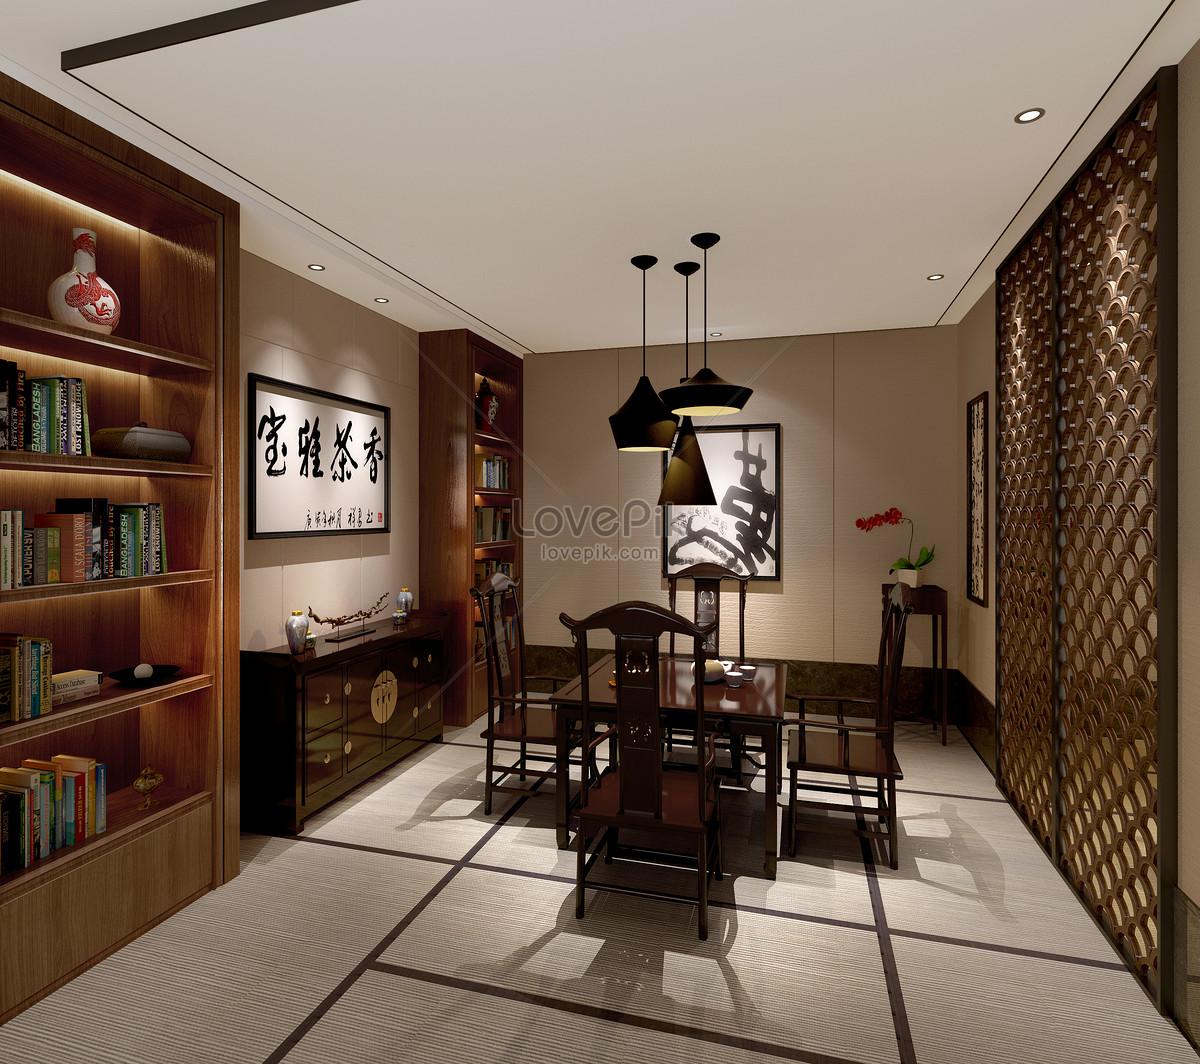 Traditional Interior Design By Ownby: 중국 전통 서재 인테리어 디자인 렌더링 이미지 _사진 500502930 무료 다운로드_lovepik.com